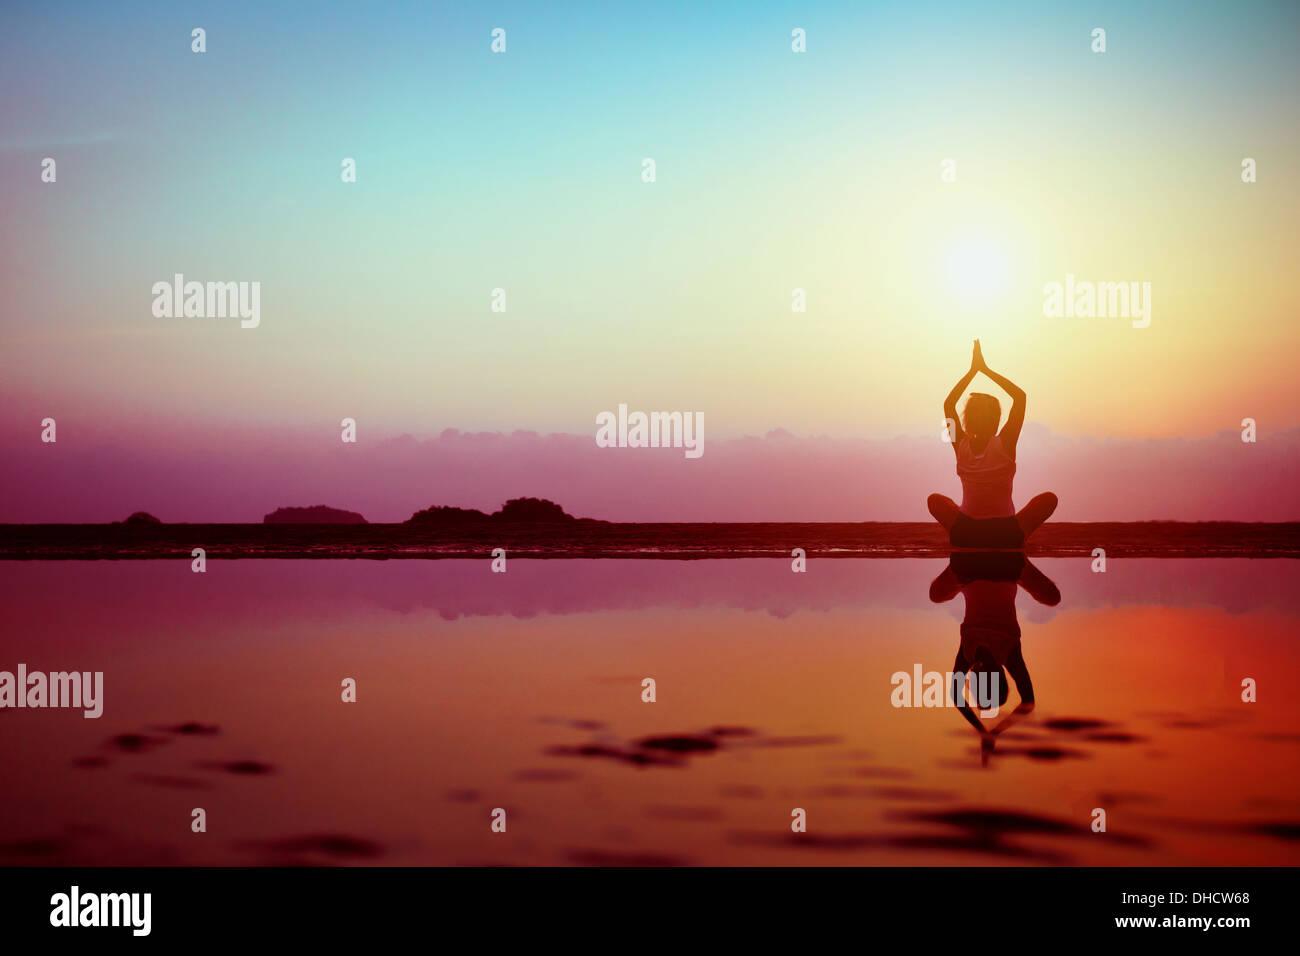 Silhouette di donna giovane a praticare yoga sulla spiaggia al tramonto Immagini Stock